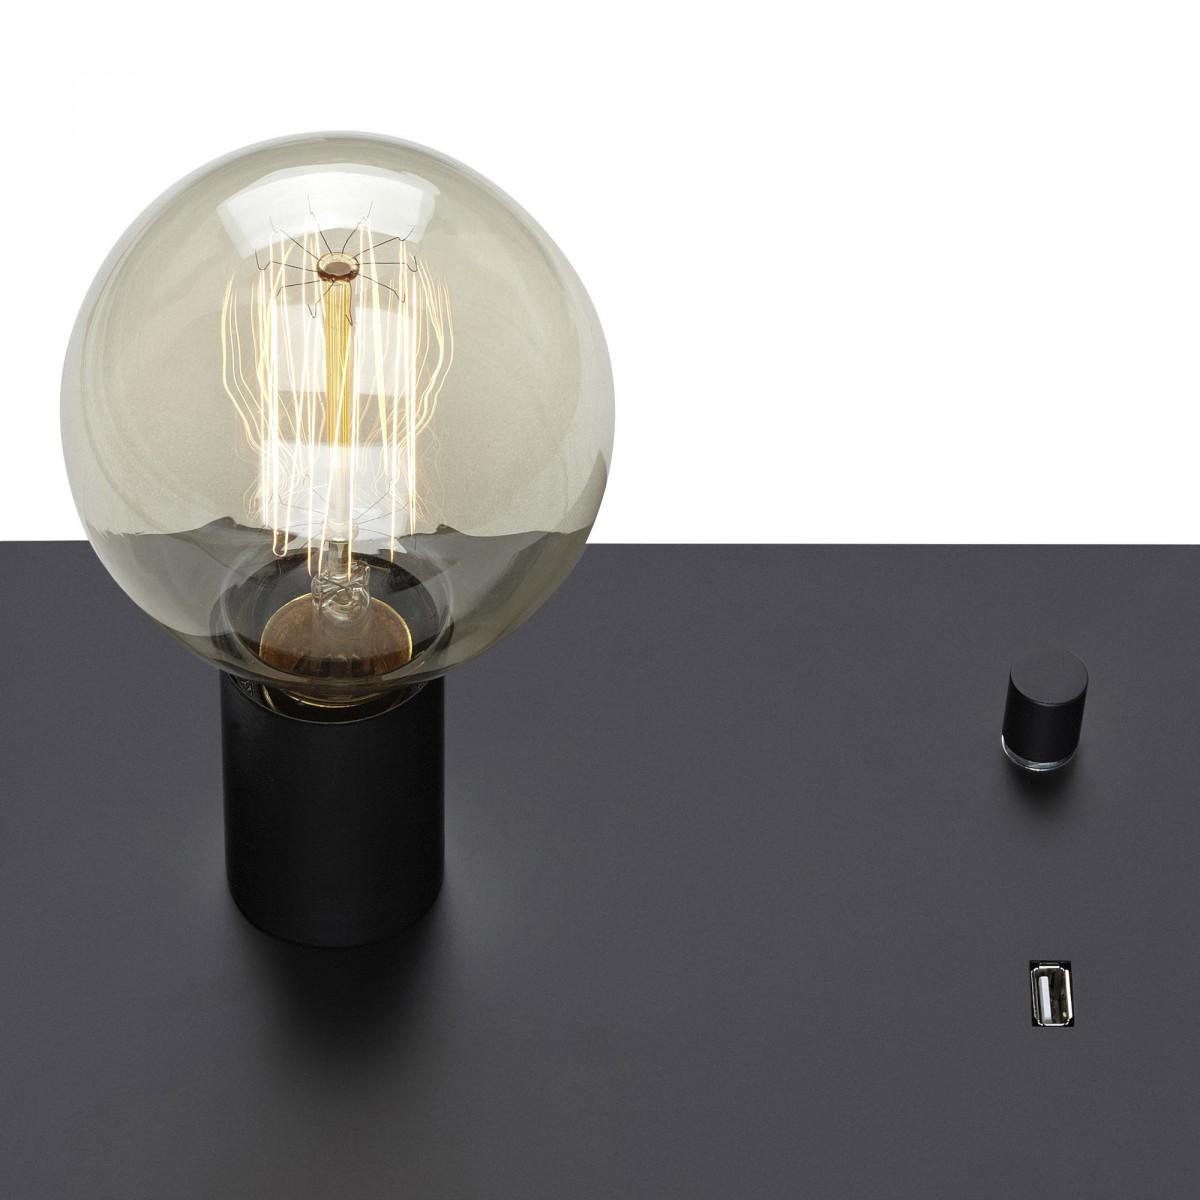 Tafellamp/Wandlamp Load met USB oplaadstation